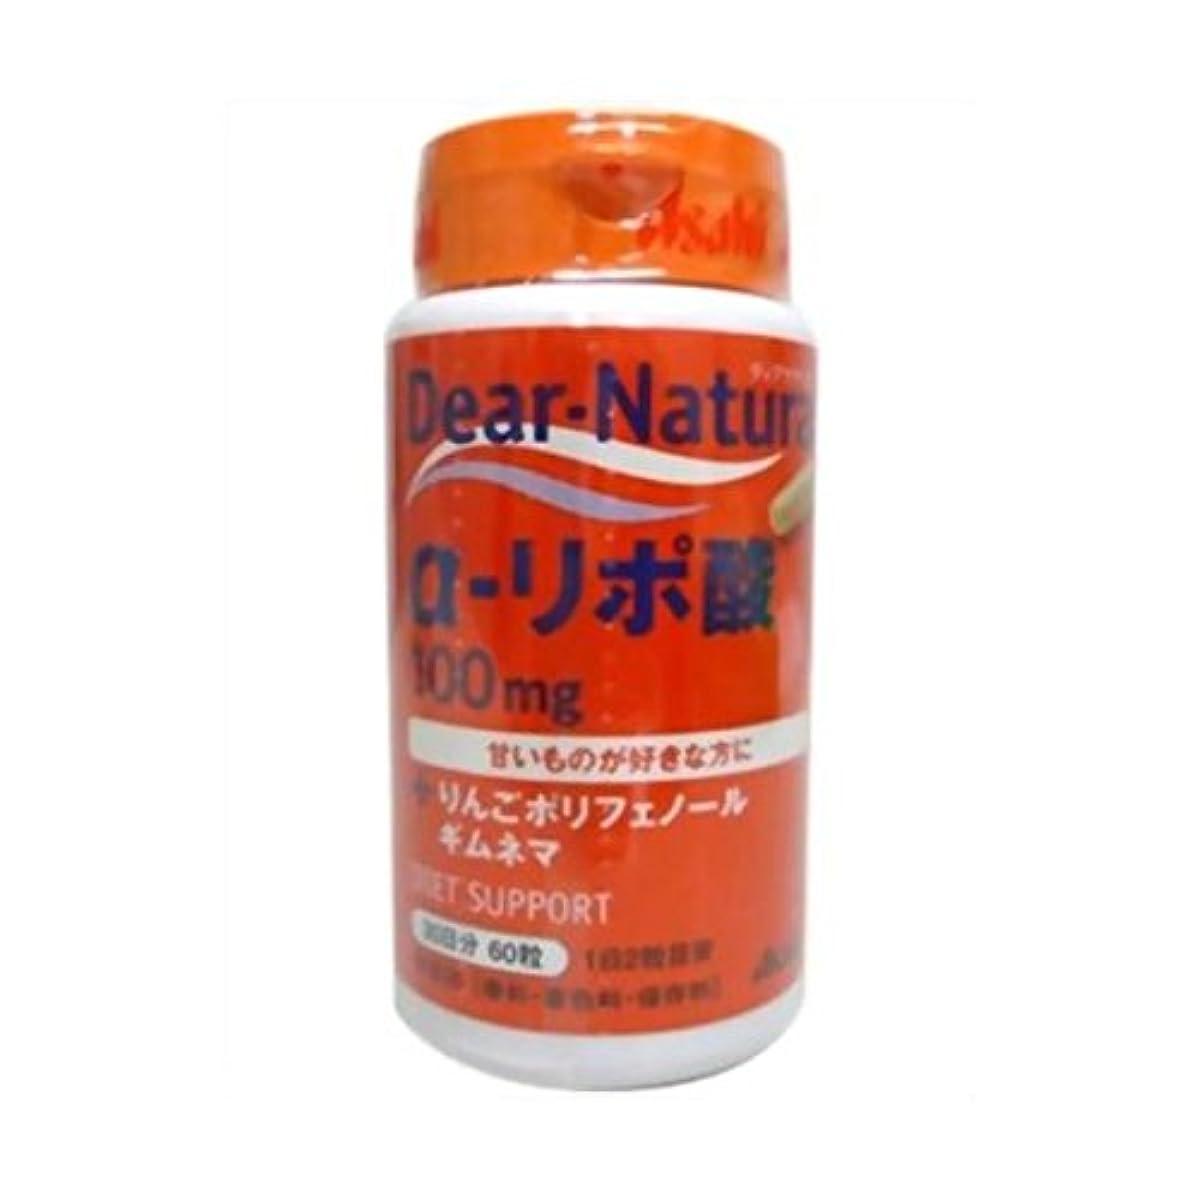 ポーズ顕著恐怖症アサヒ ディアナチュラ α-リポ酸(60粒) 2箱